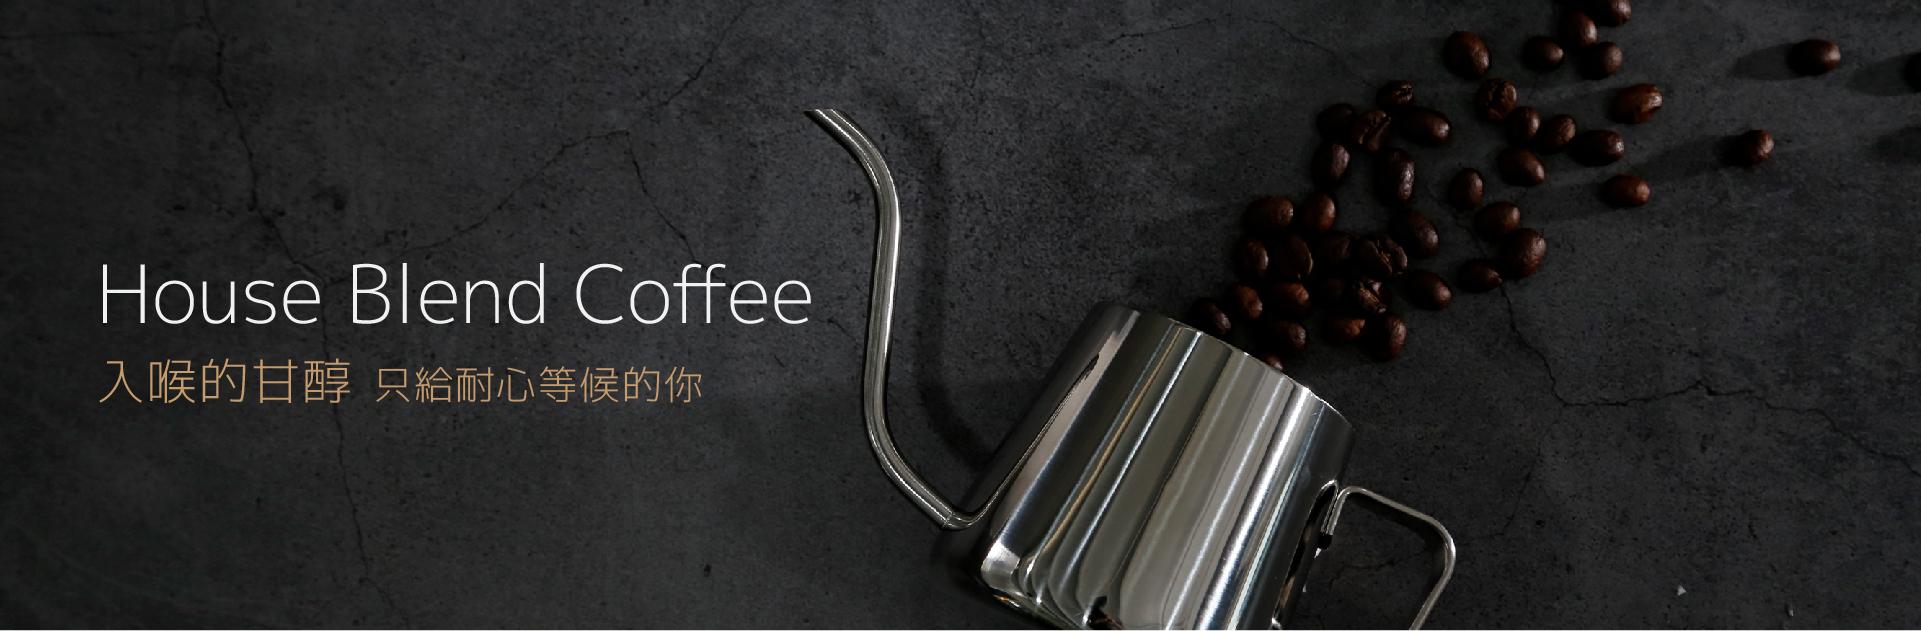 濾掛式手沖咖啡包(10入),中深烘焙|送禮首選